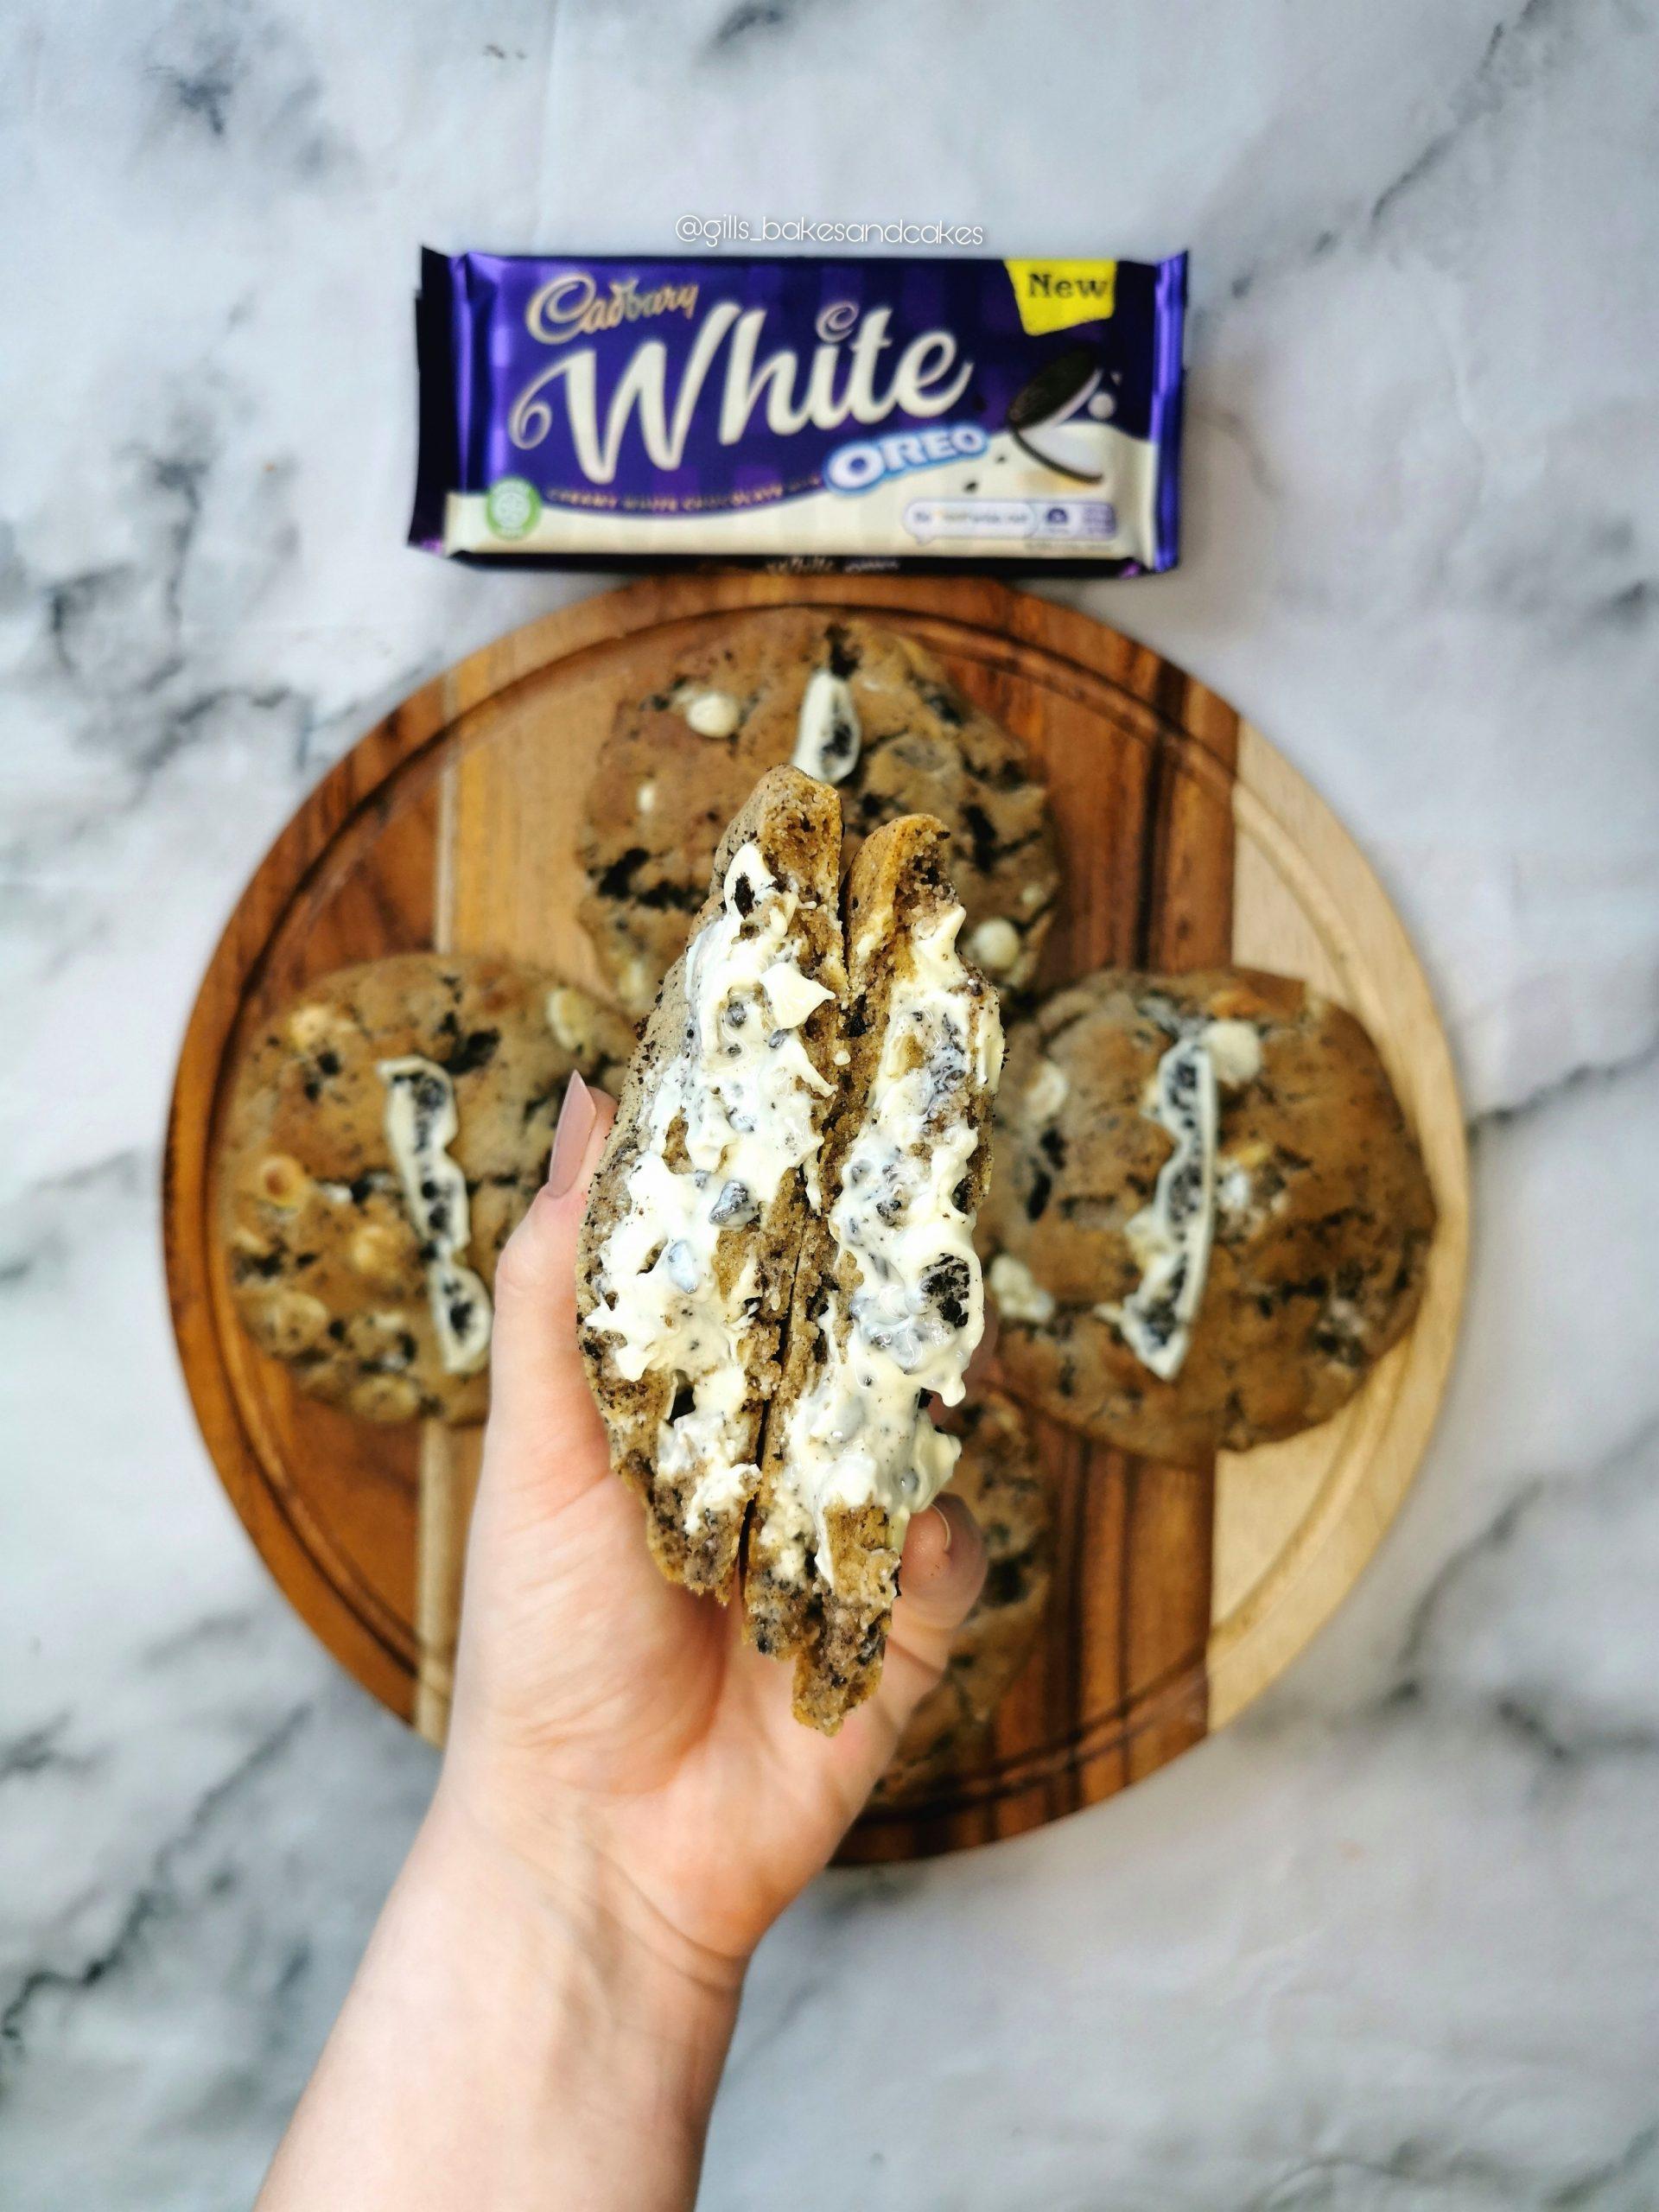 Cadbury's White Chocolate Oreo Stuffed Cookies